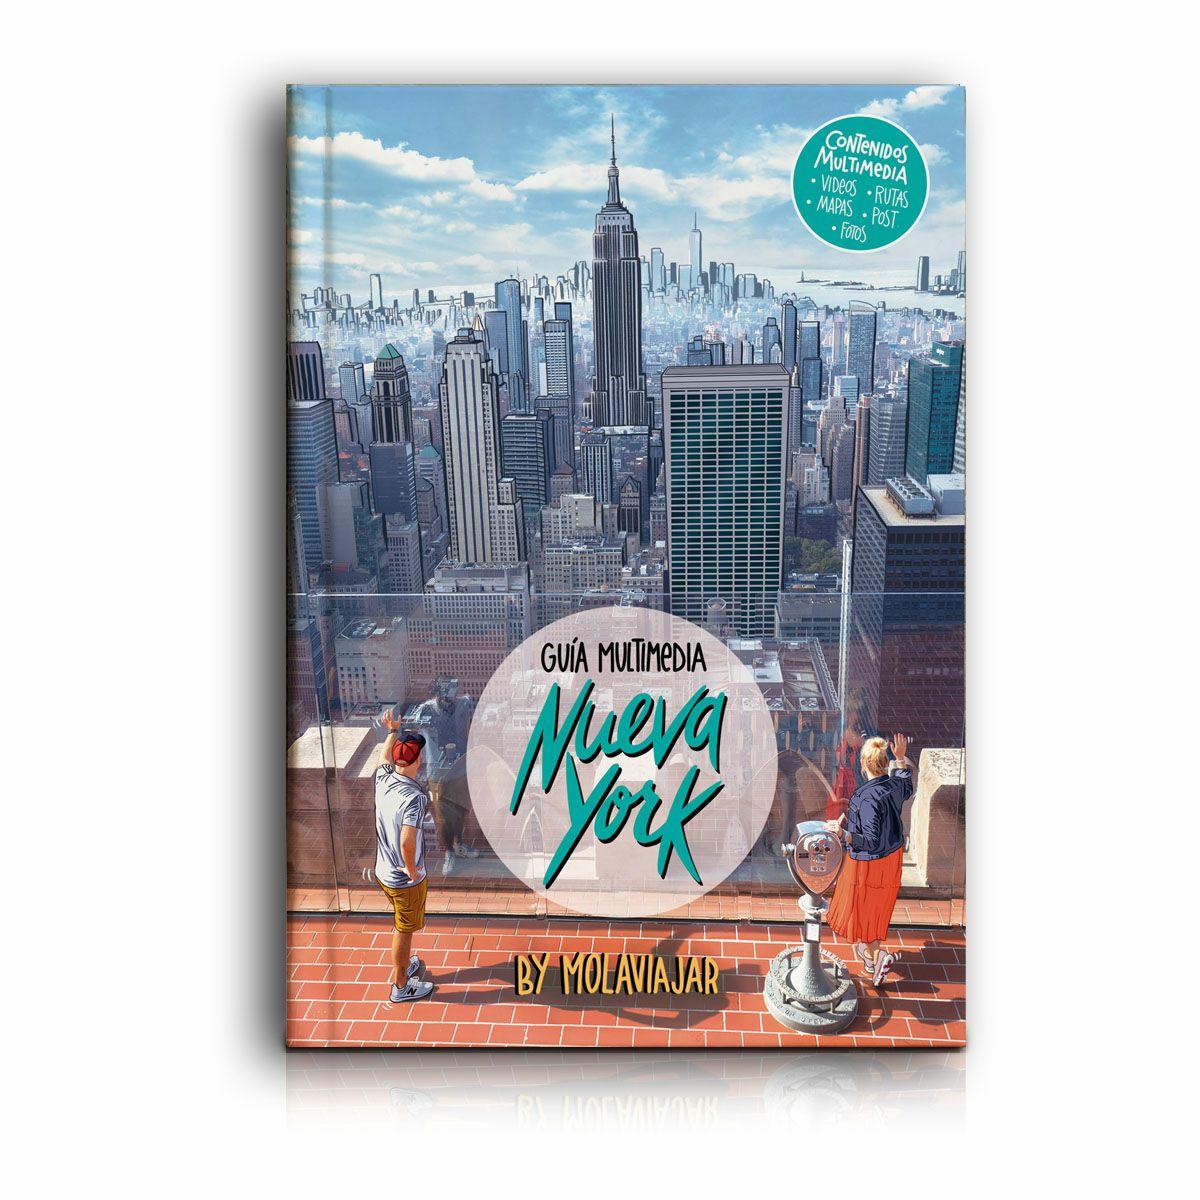 Libro Nueva York Molaviajar (Se paga solo envio)